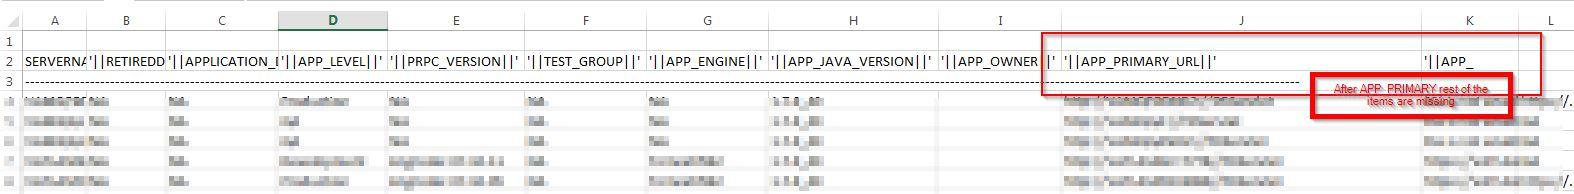 Spool File In Oracle